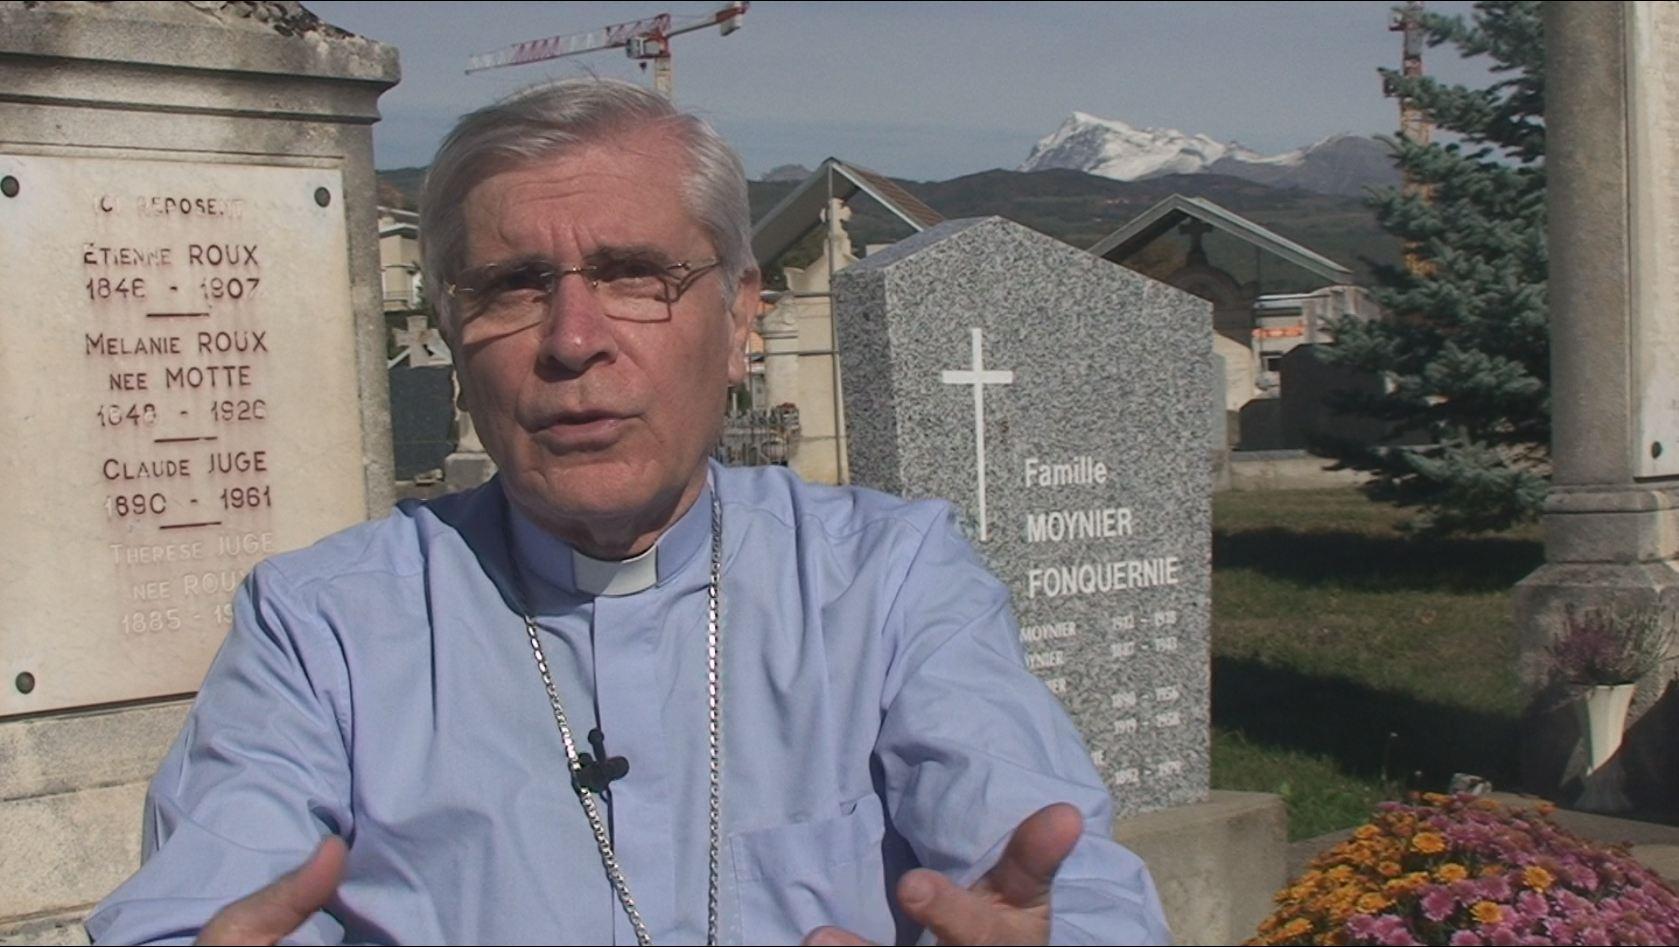 Le prolongement de la vie, vu par Mgr Jean-Michel di Falco Léandri